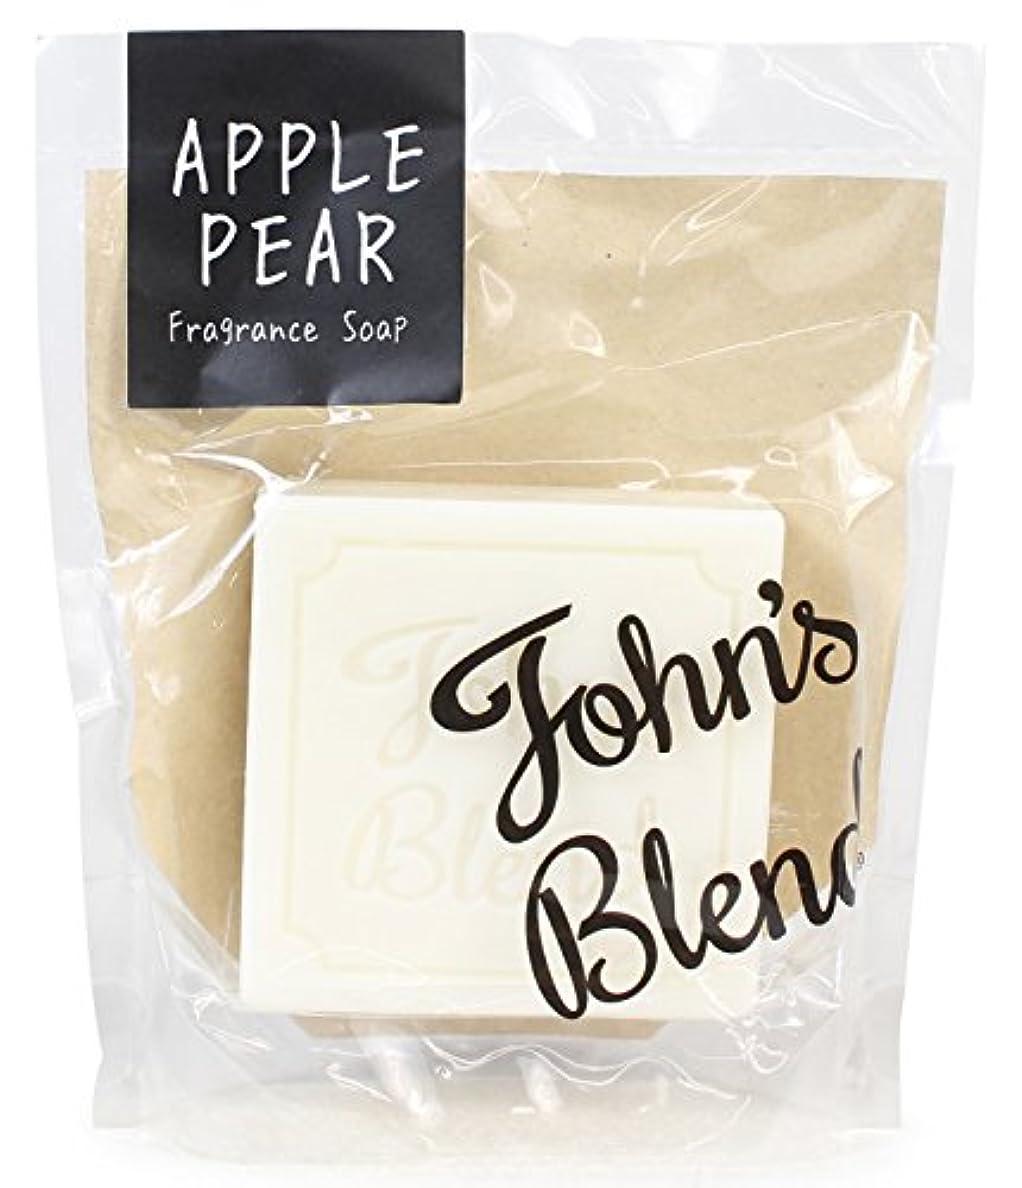 エイリアンディンカルビル回復Johns Blend フレグランスソープ 石鹸 90g アップルペア OB-JNB-1-2